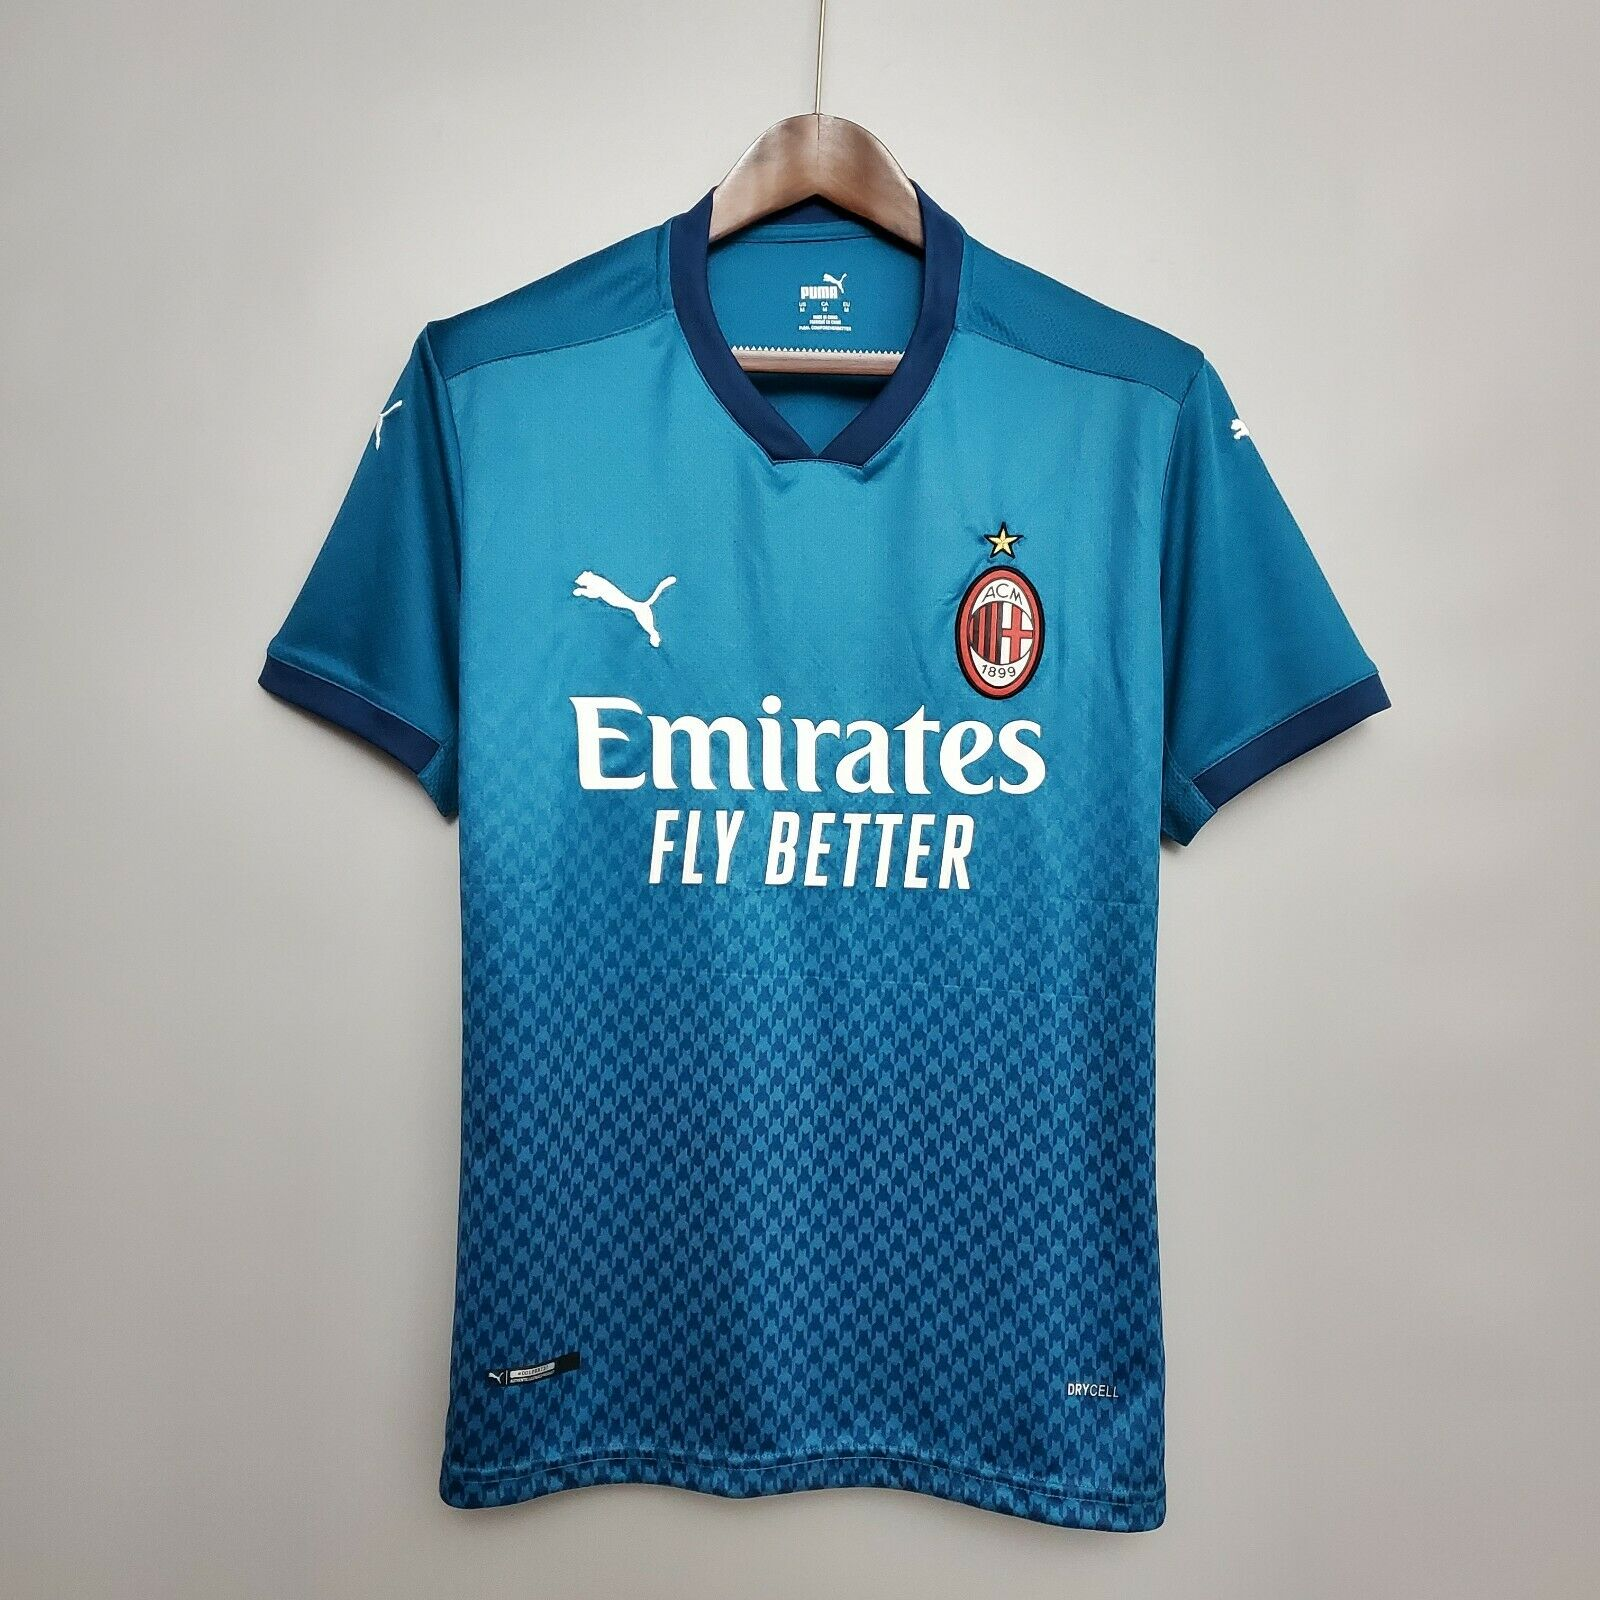 Maglia Milan personalizzata maglietta da calcio completo away terza blu verde - Shopping.com